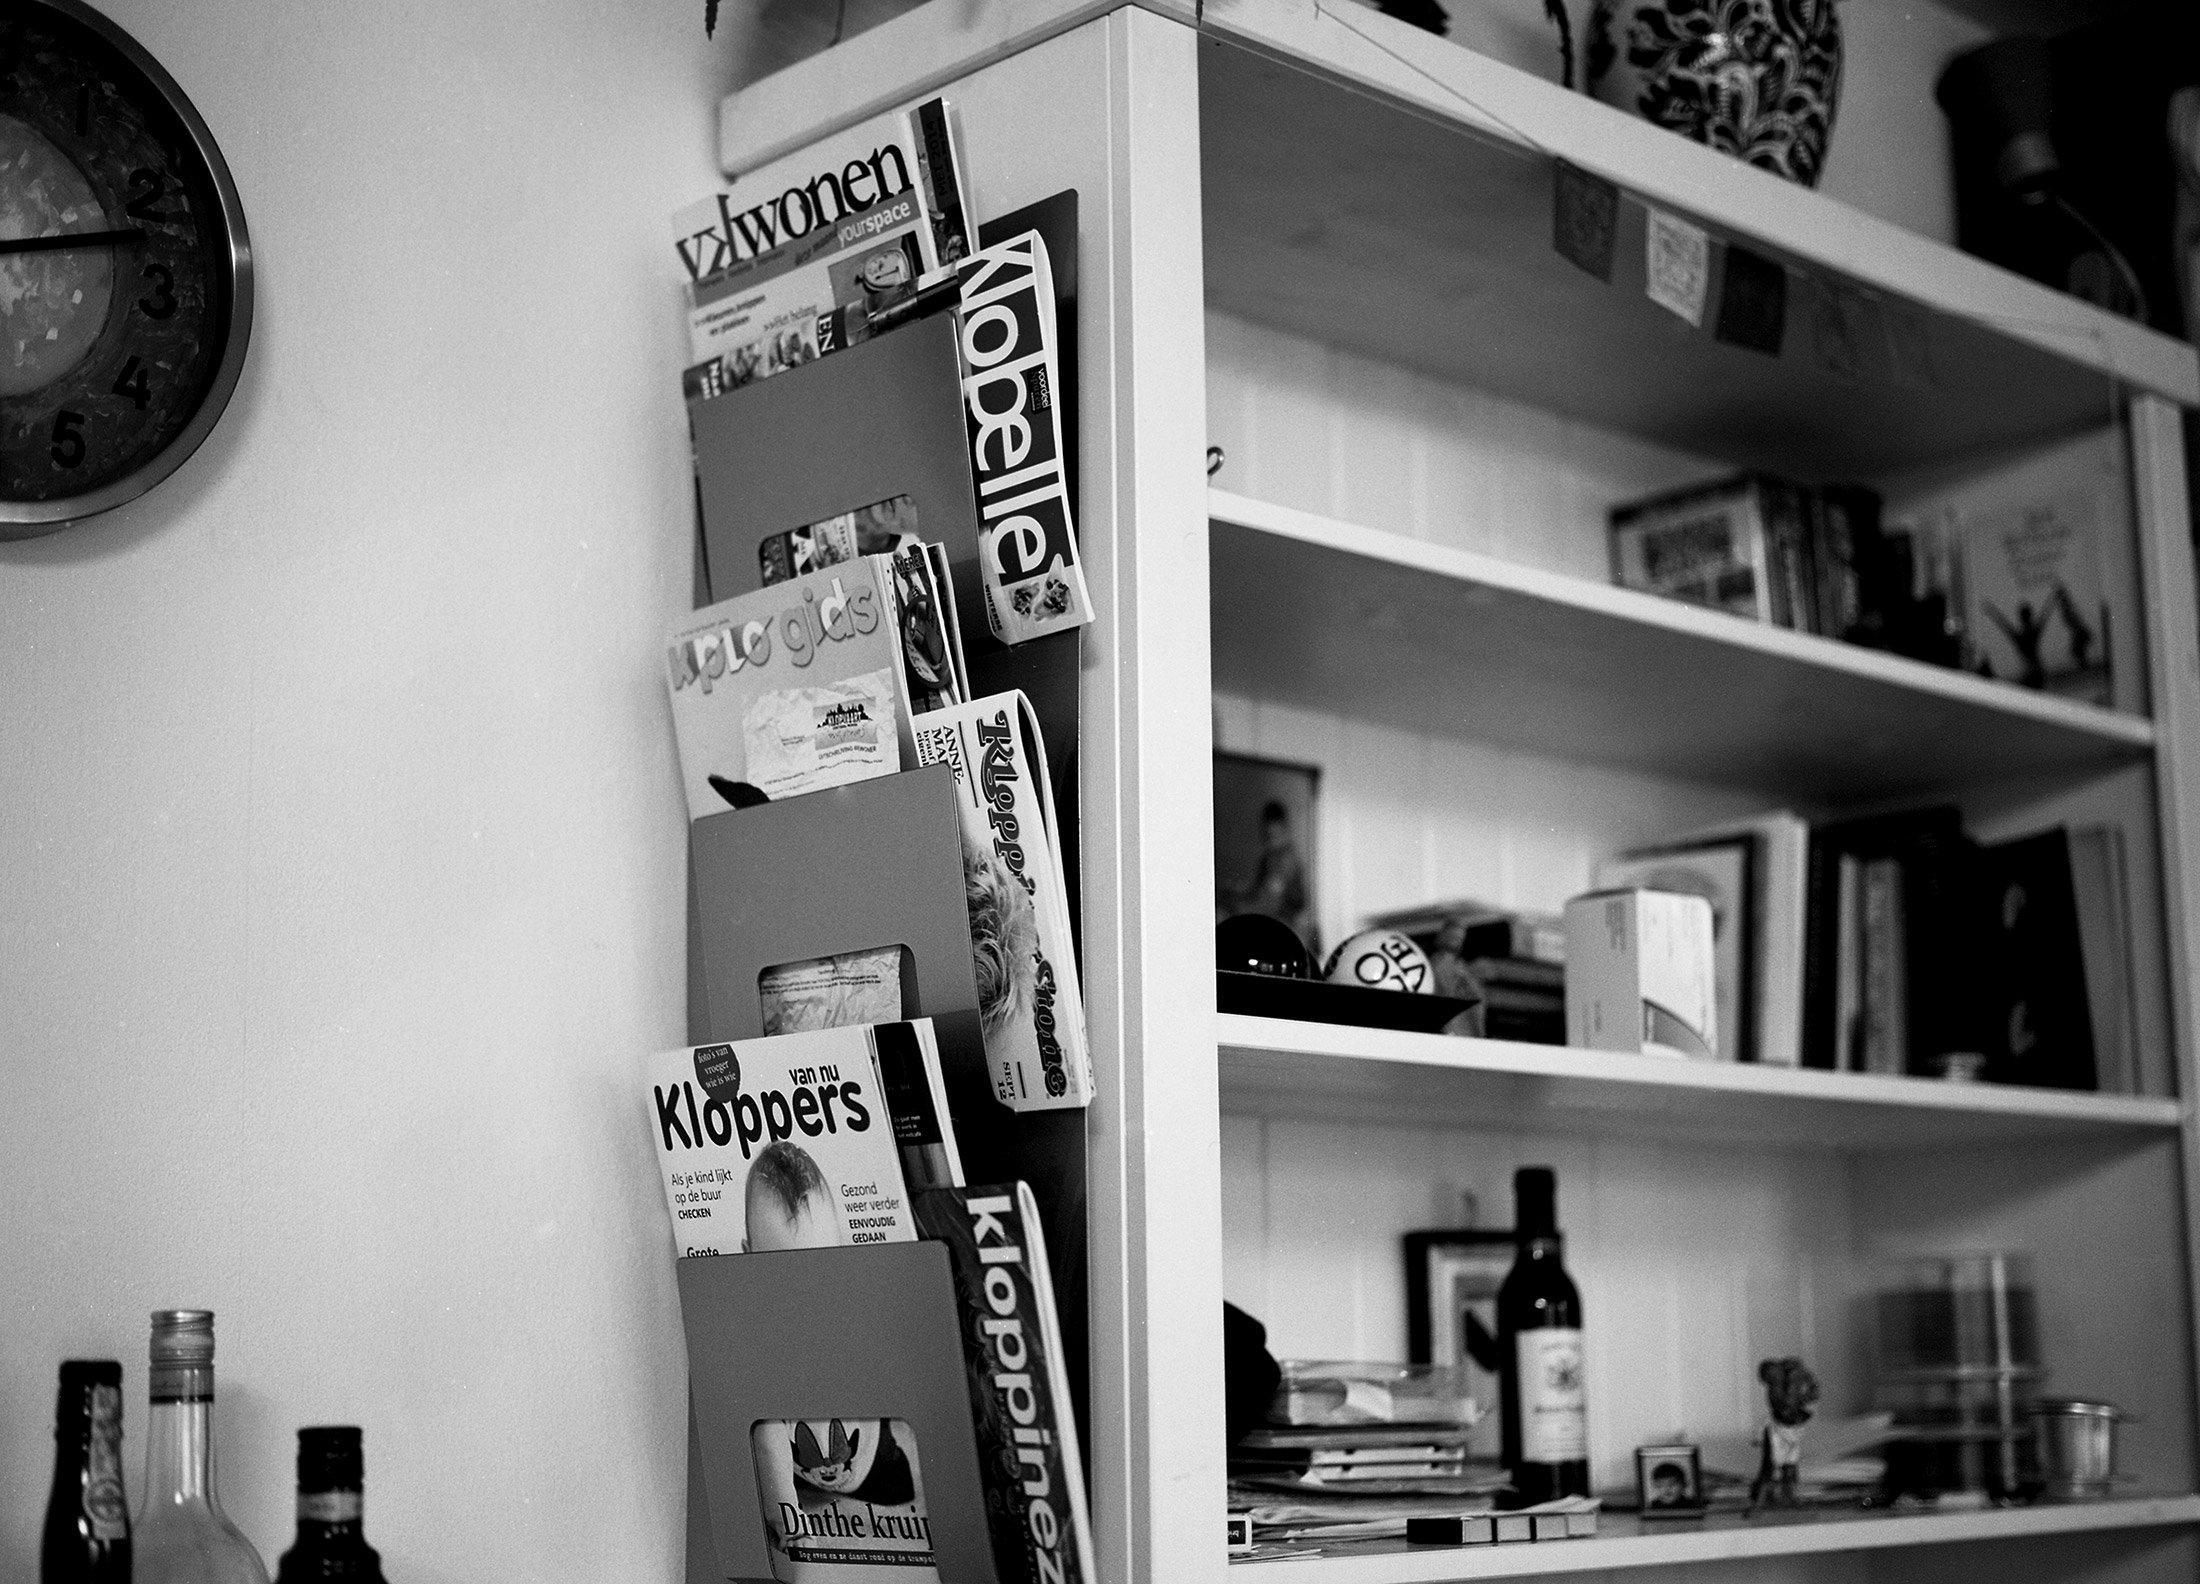 'Kloppers' tijdschriften / 'Kloppers' publications